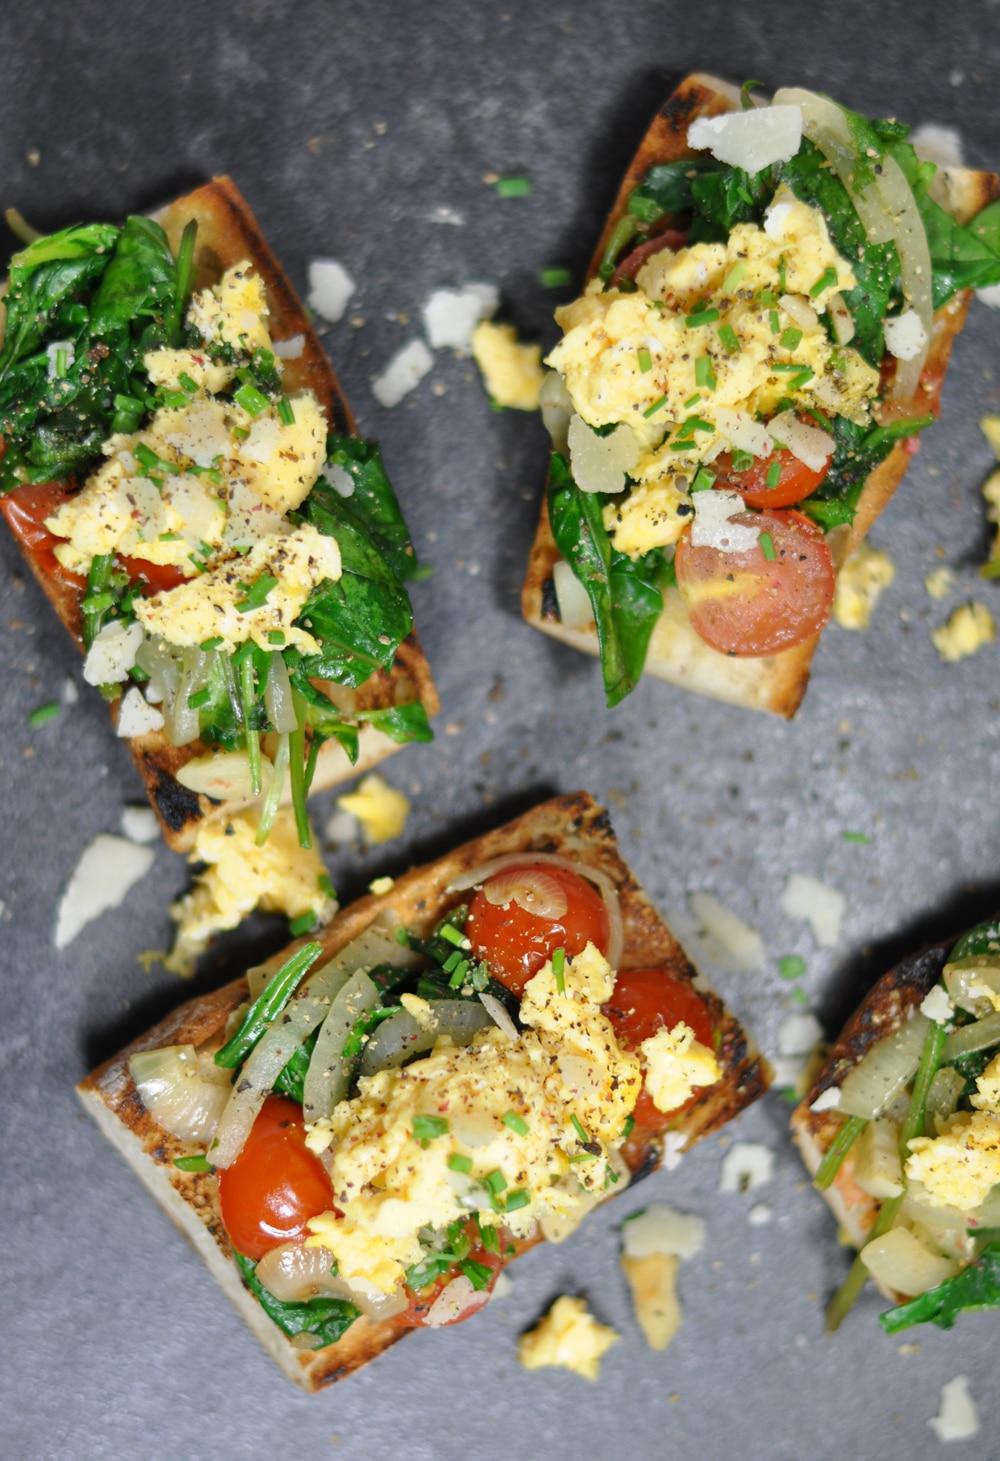 Spinatschnitten - so gehts vegetarisch! - spargelschnitten5 - 9